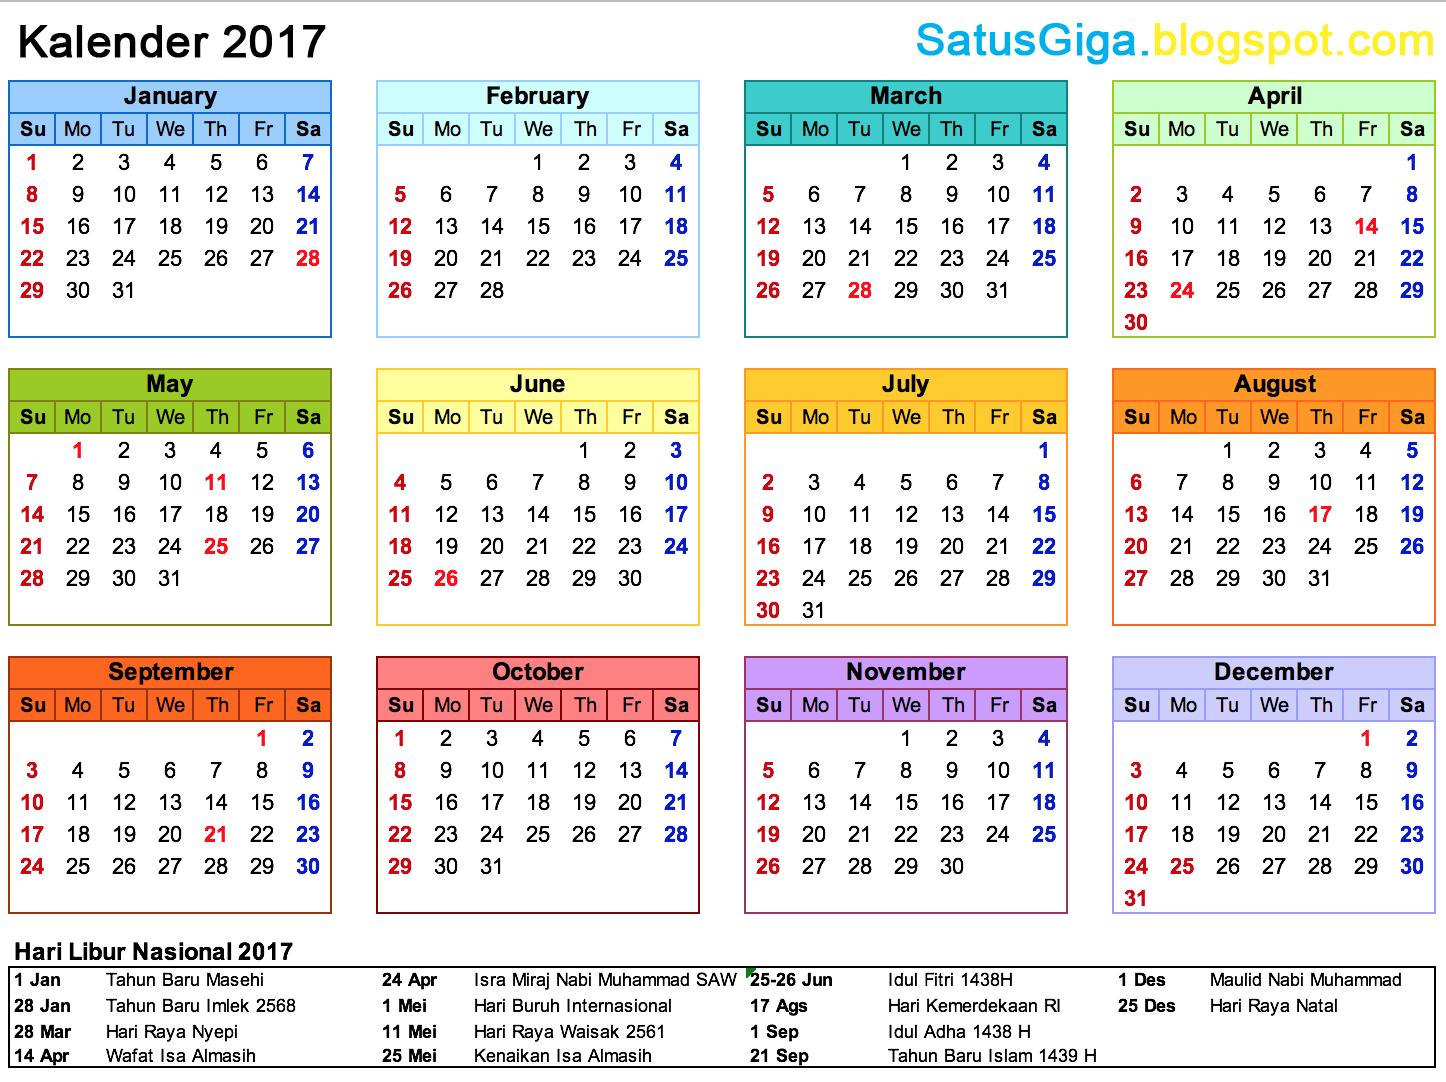 Hari Libur Nasional Di Tahun 2017 Adalah 1 Januari Baru Masehi 28 Imlek 2568 Maret Raya Nyepi 14 April Wafat Isa